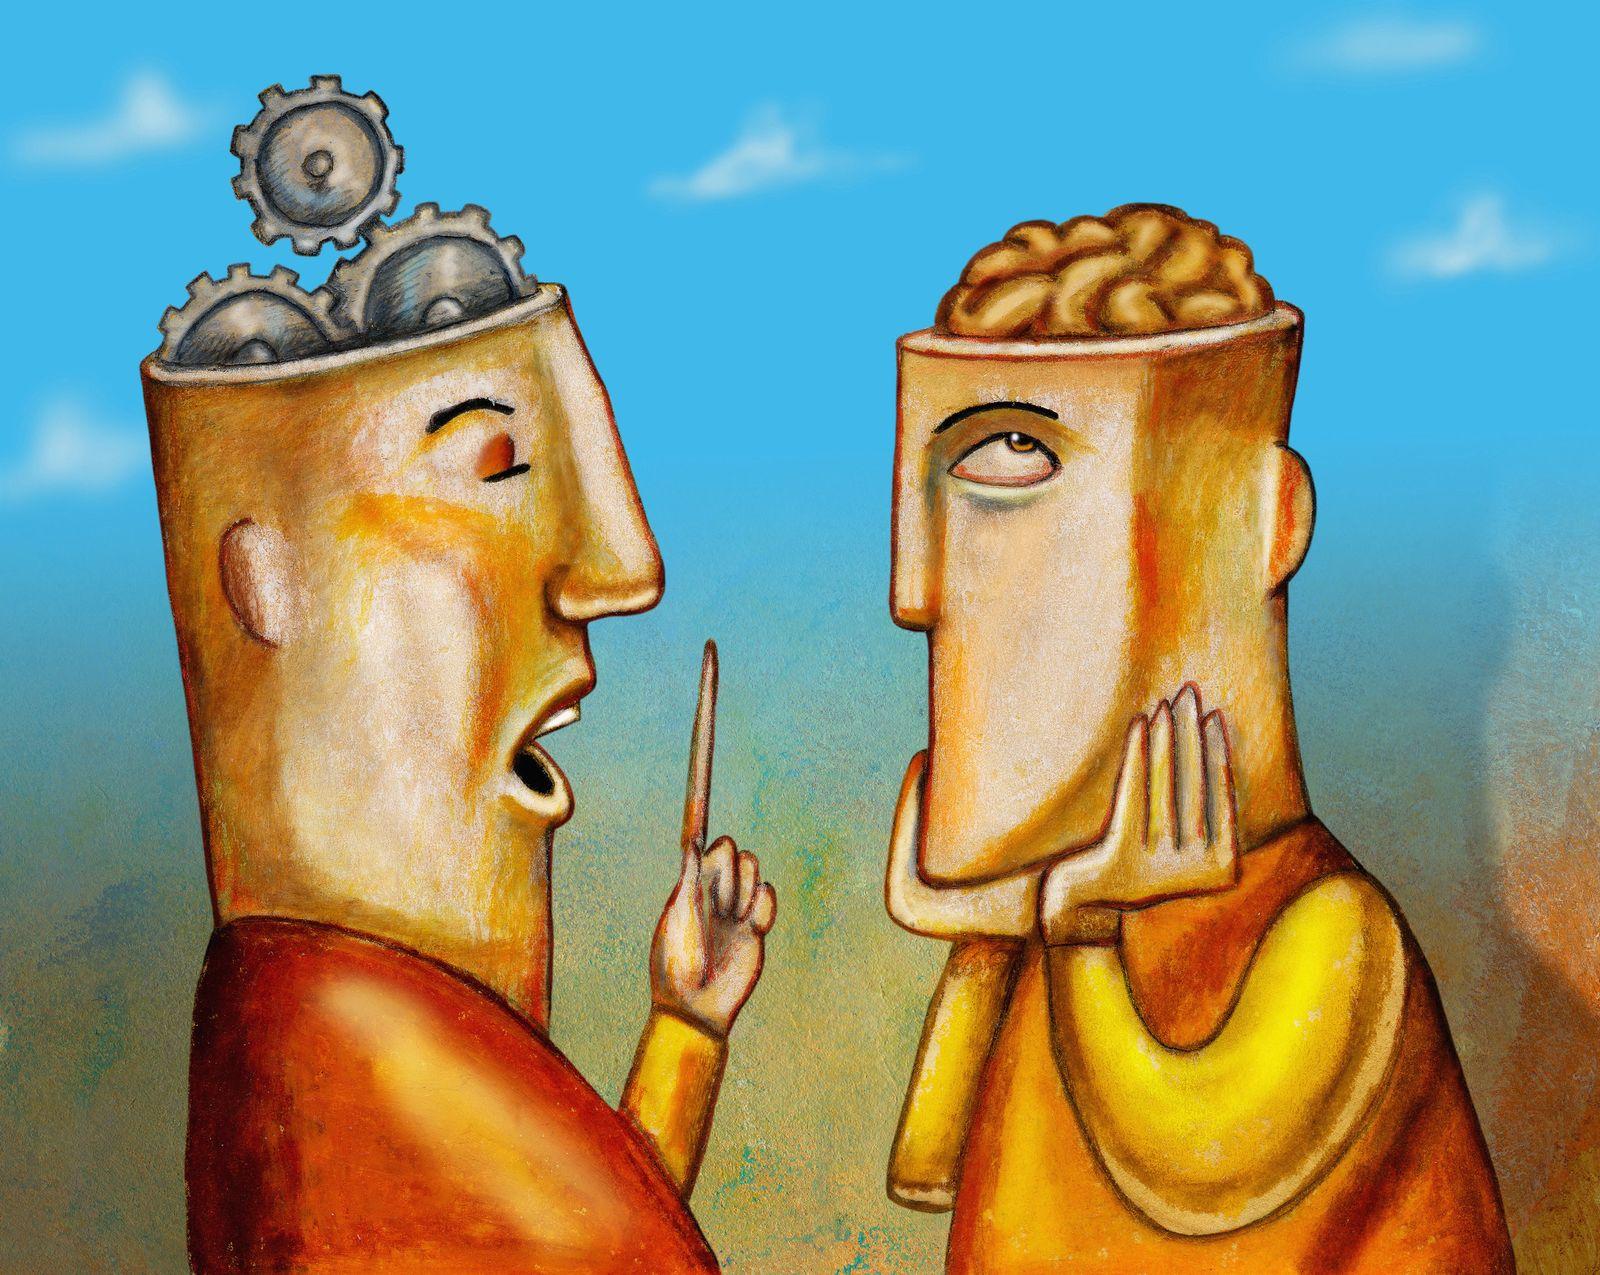 NICHT MEHR VERWENDEN! - KaSP Intelligenz Illustration reden SYMBOLBILD